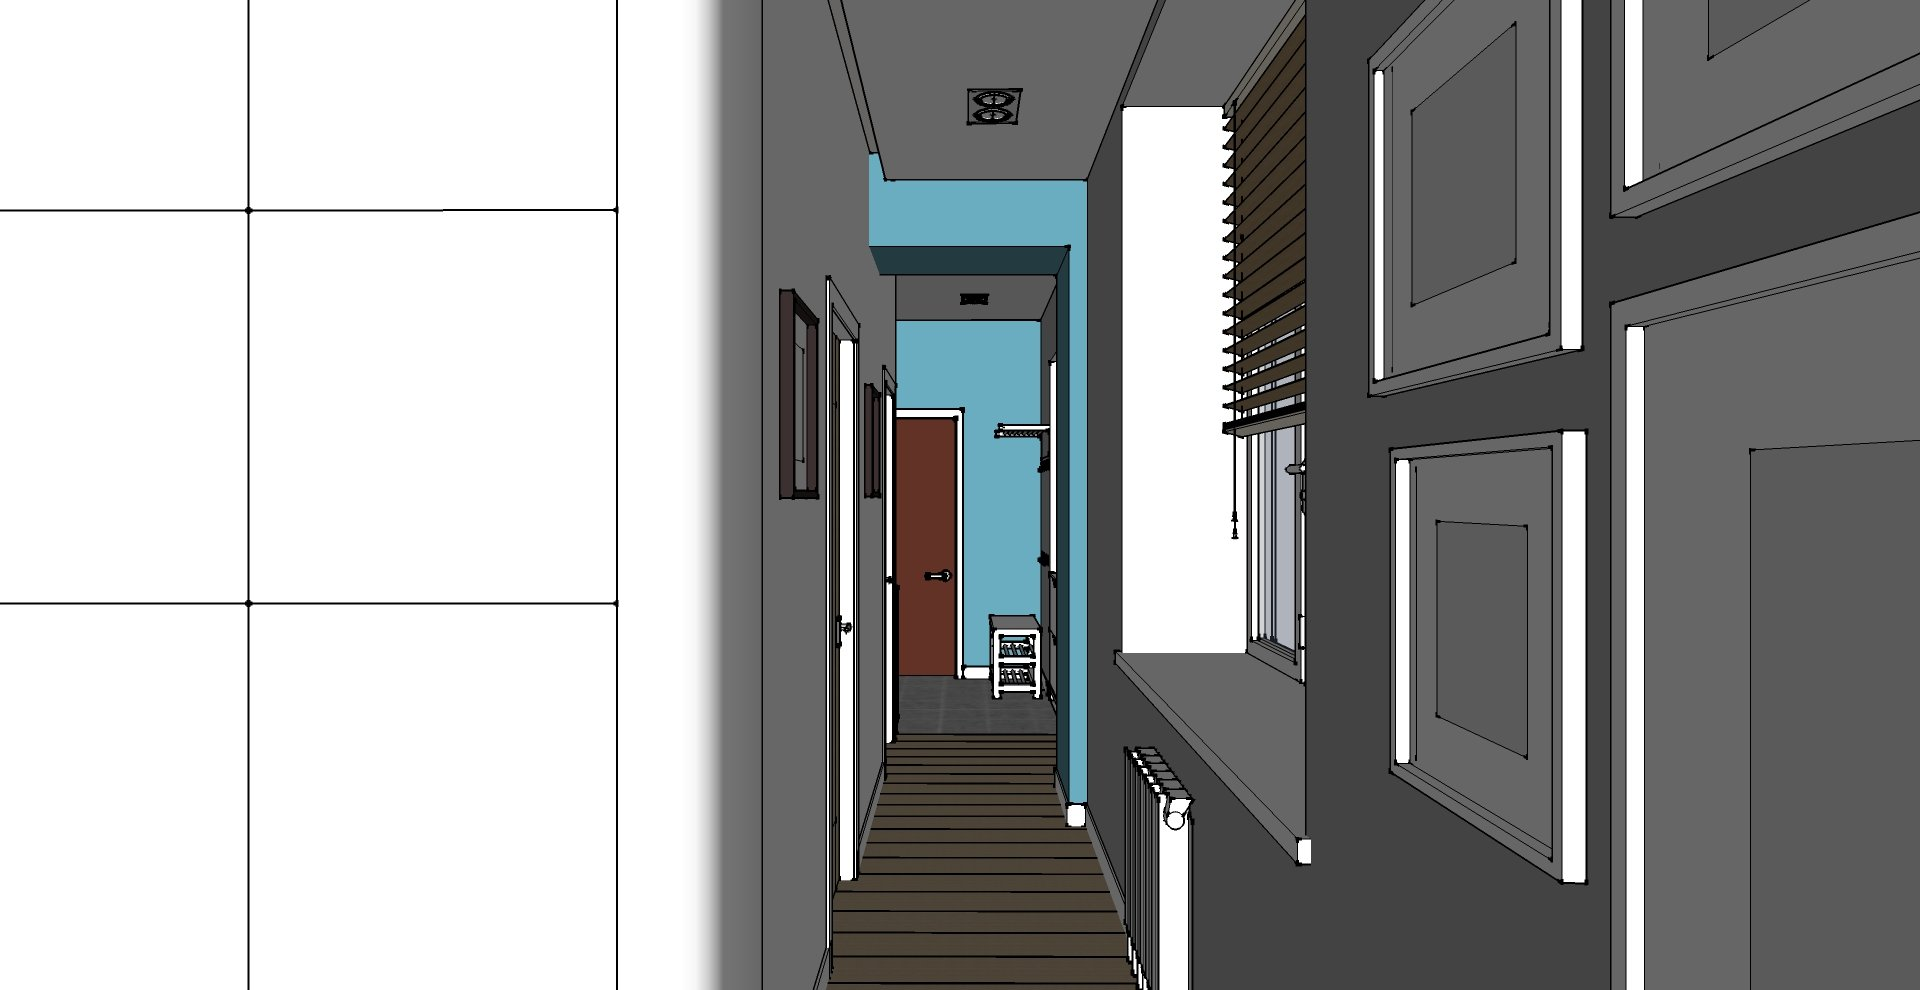 коридор - гостиная